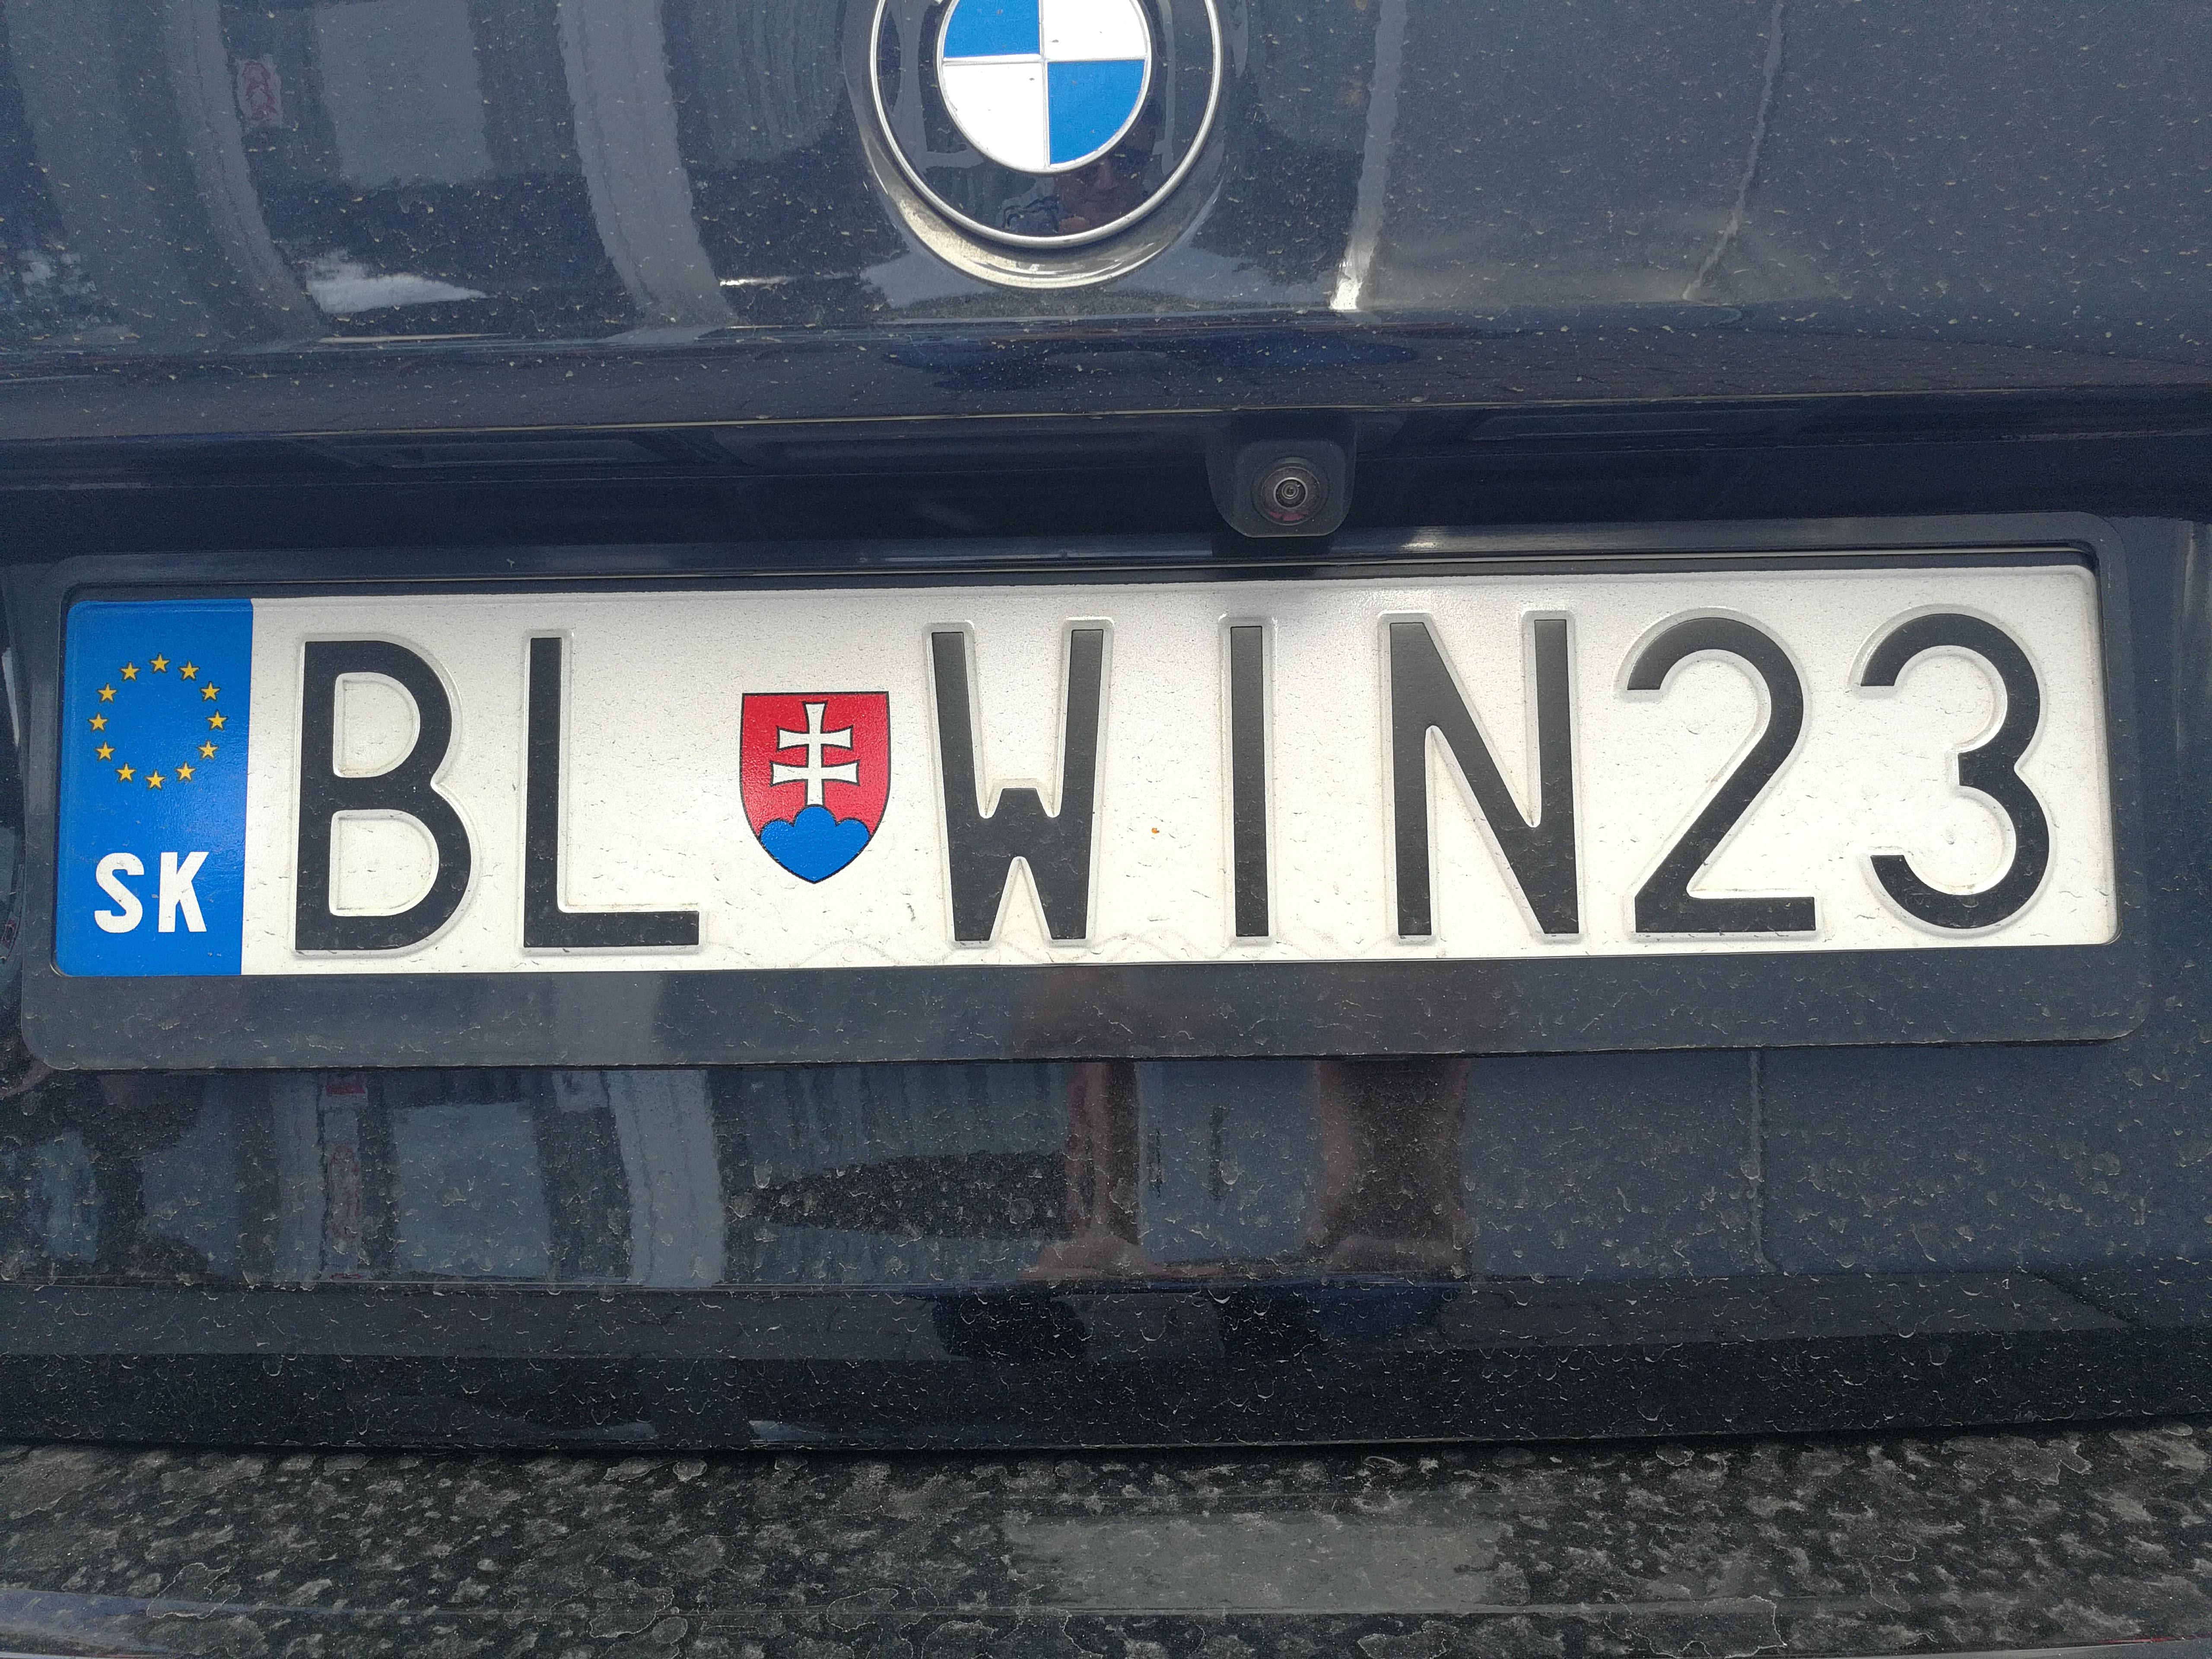 BLWIN23